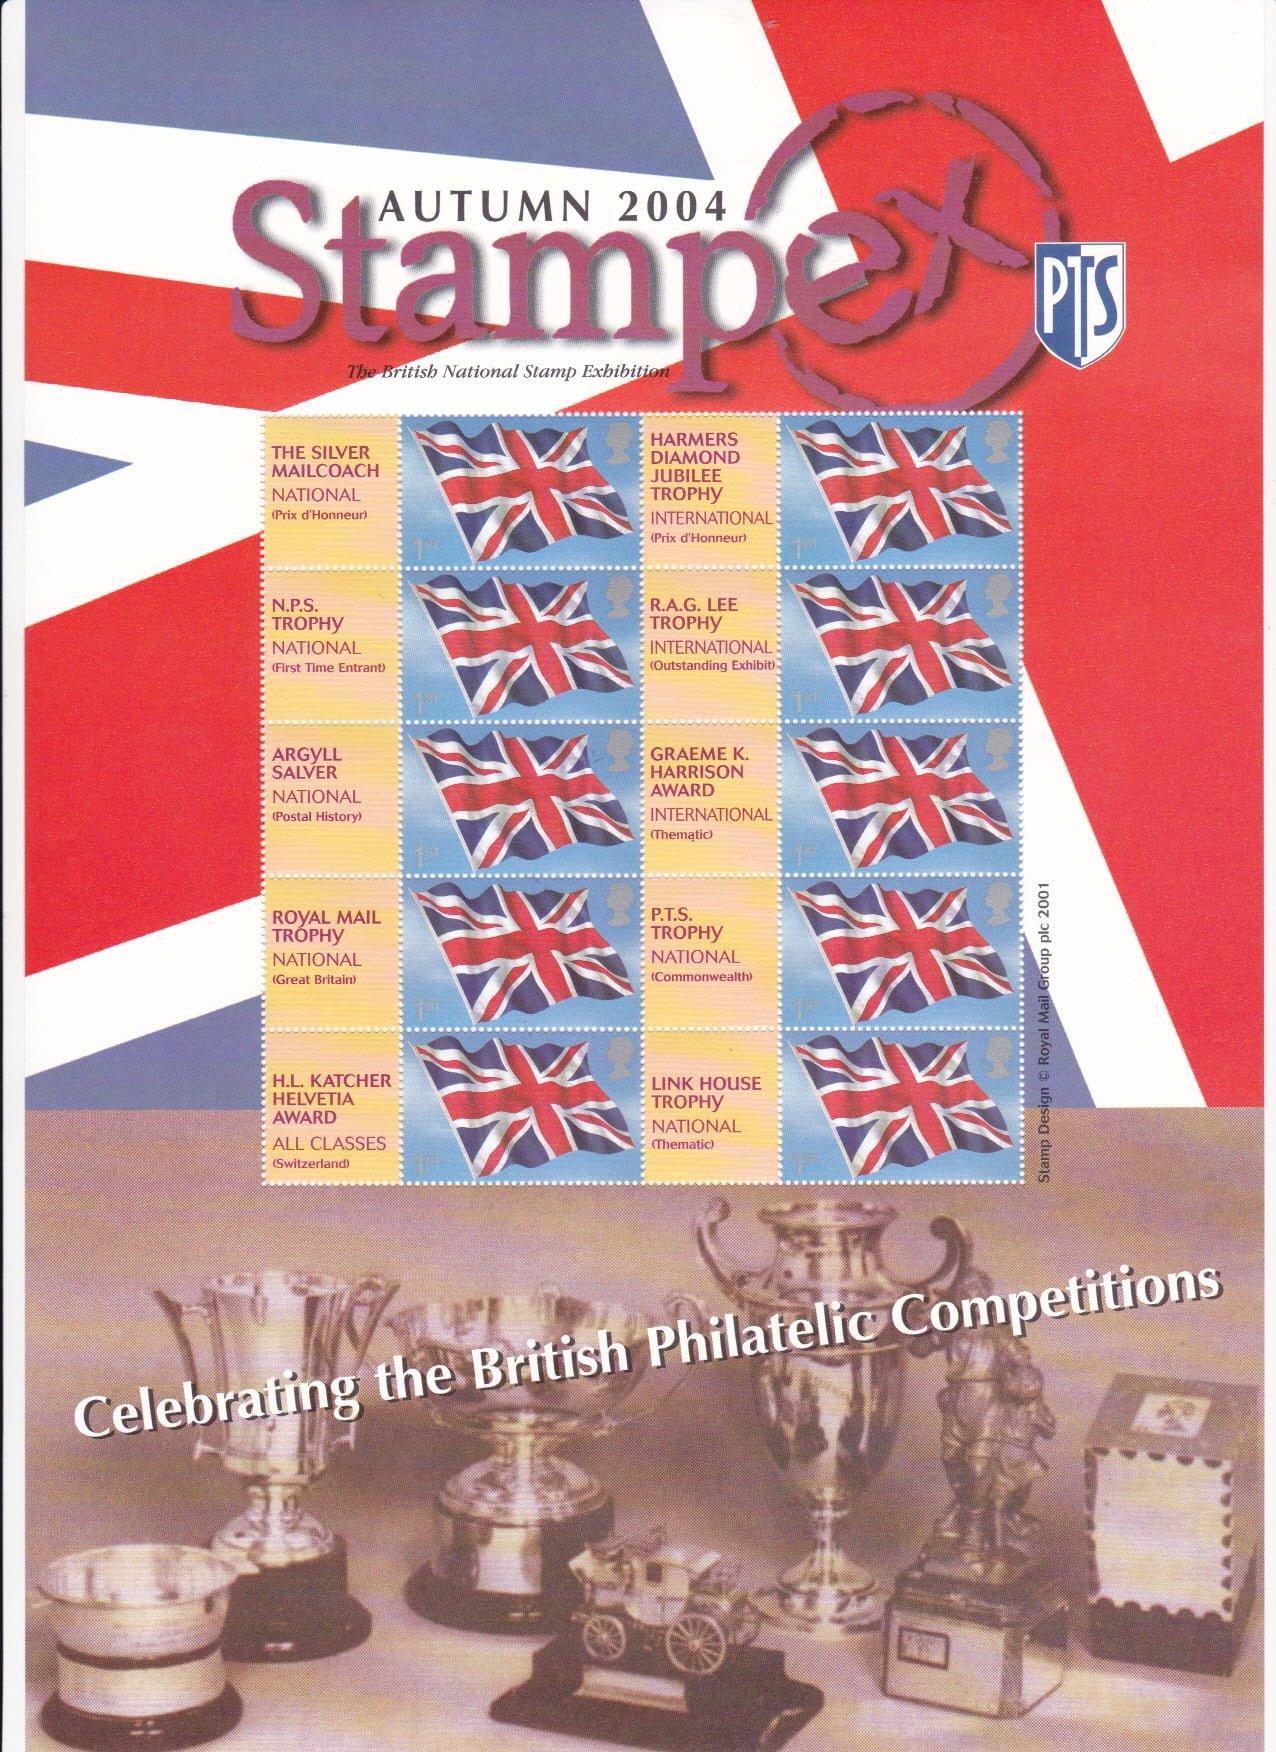 Smilers Sheet BC-039 Stampex 2004